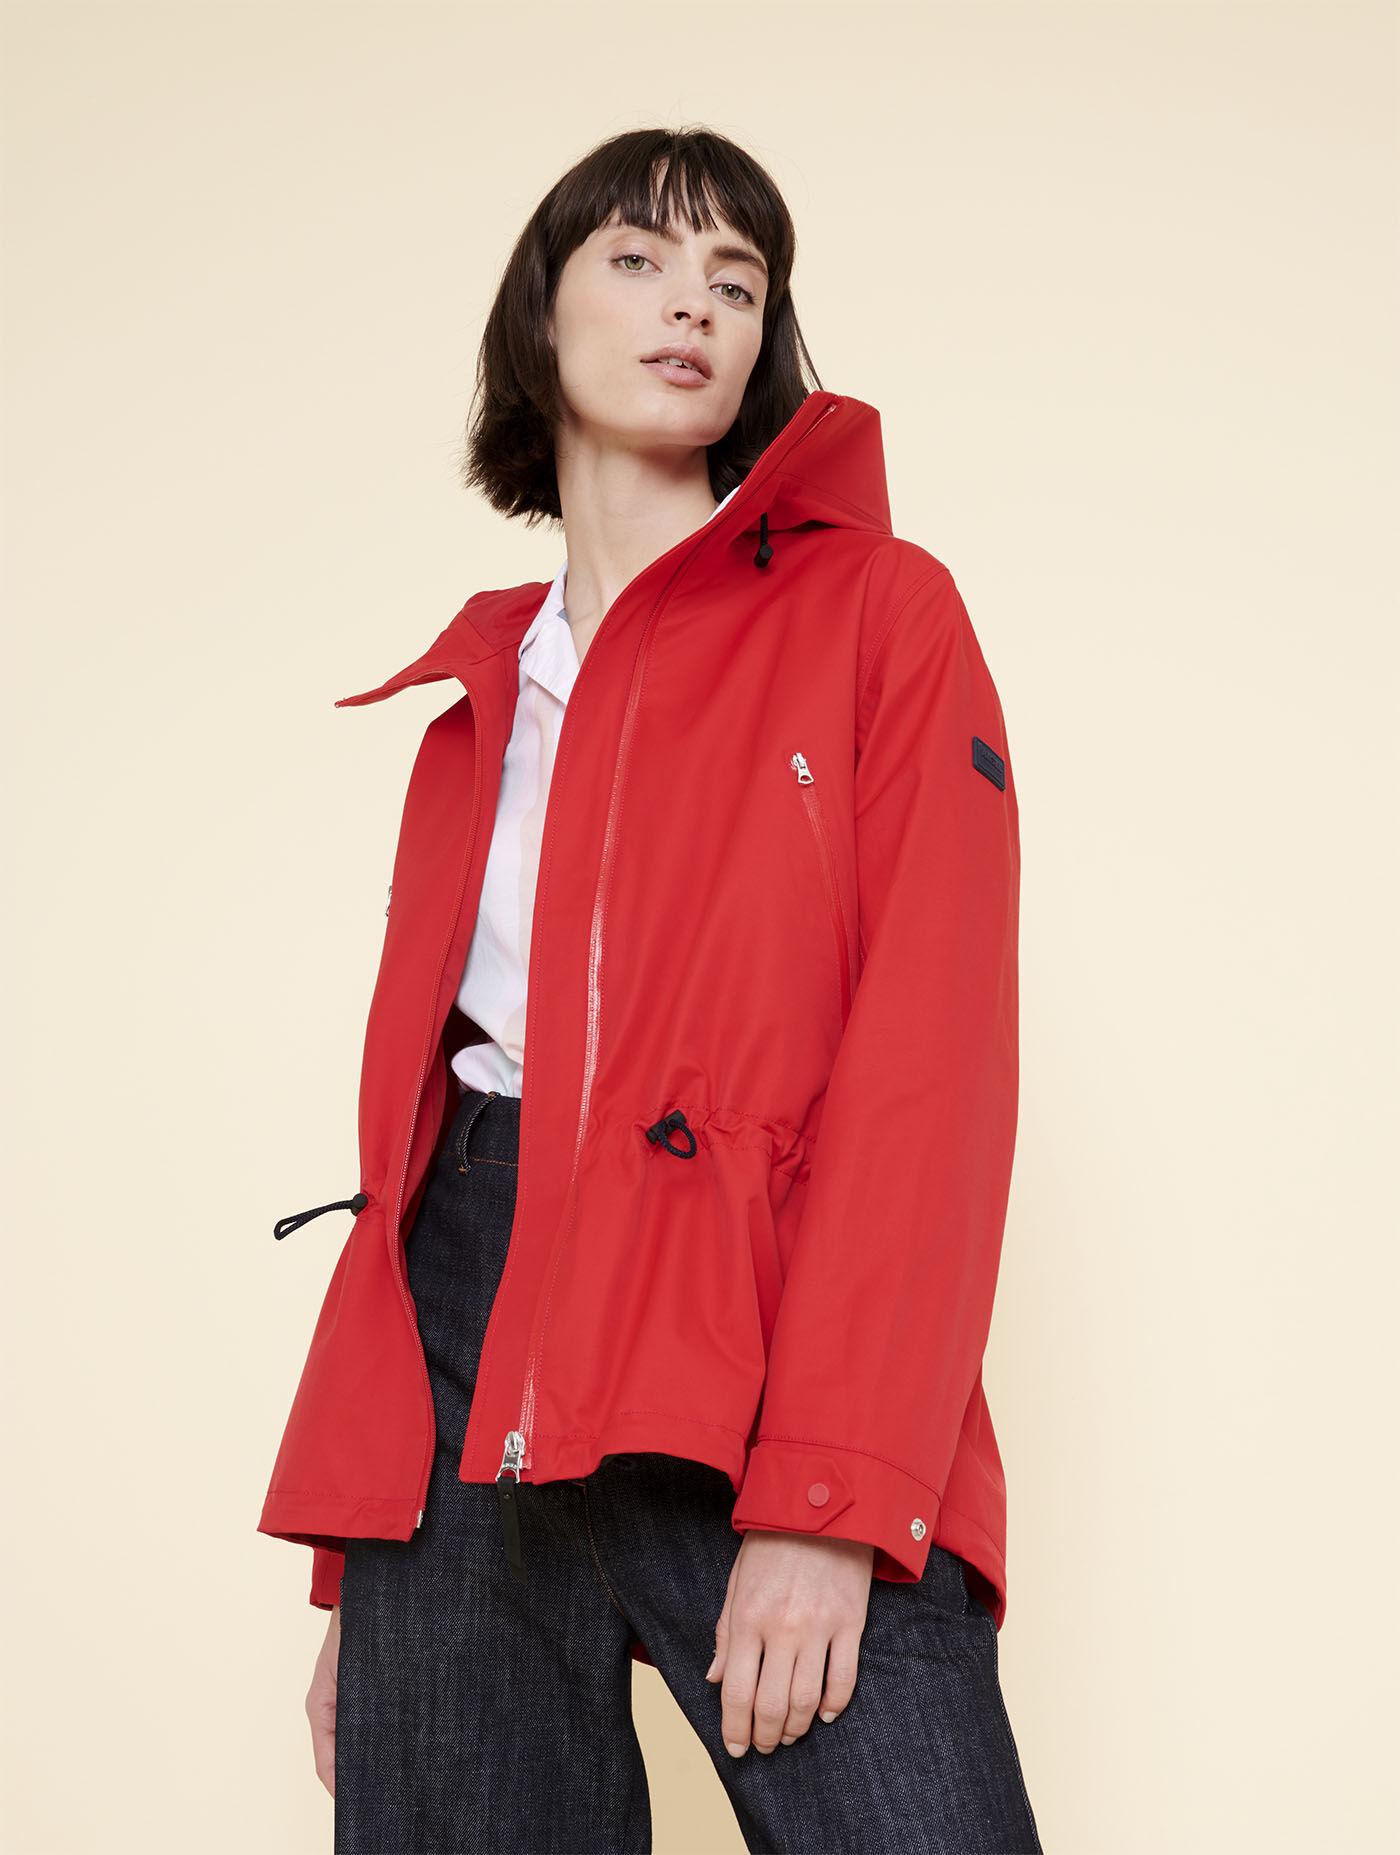 Women's Coats, Jackets ⋅ Parka, Trench Coat, Raincoat | AIGLE